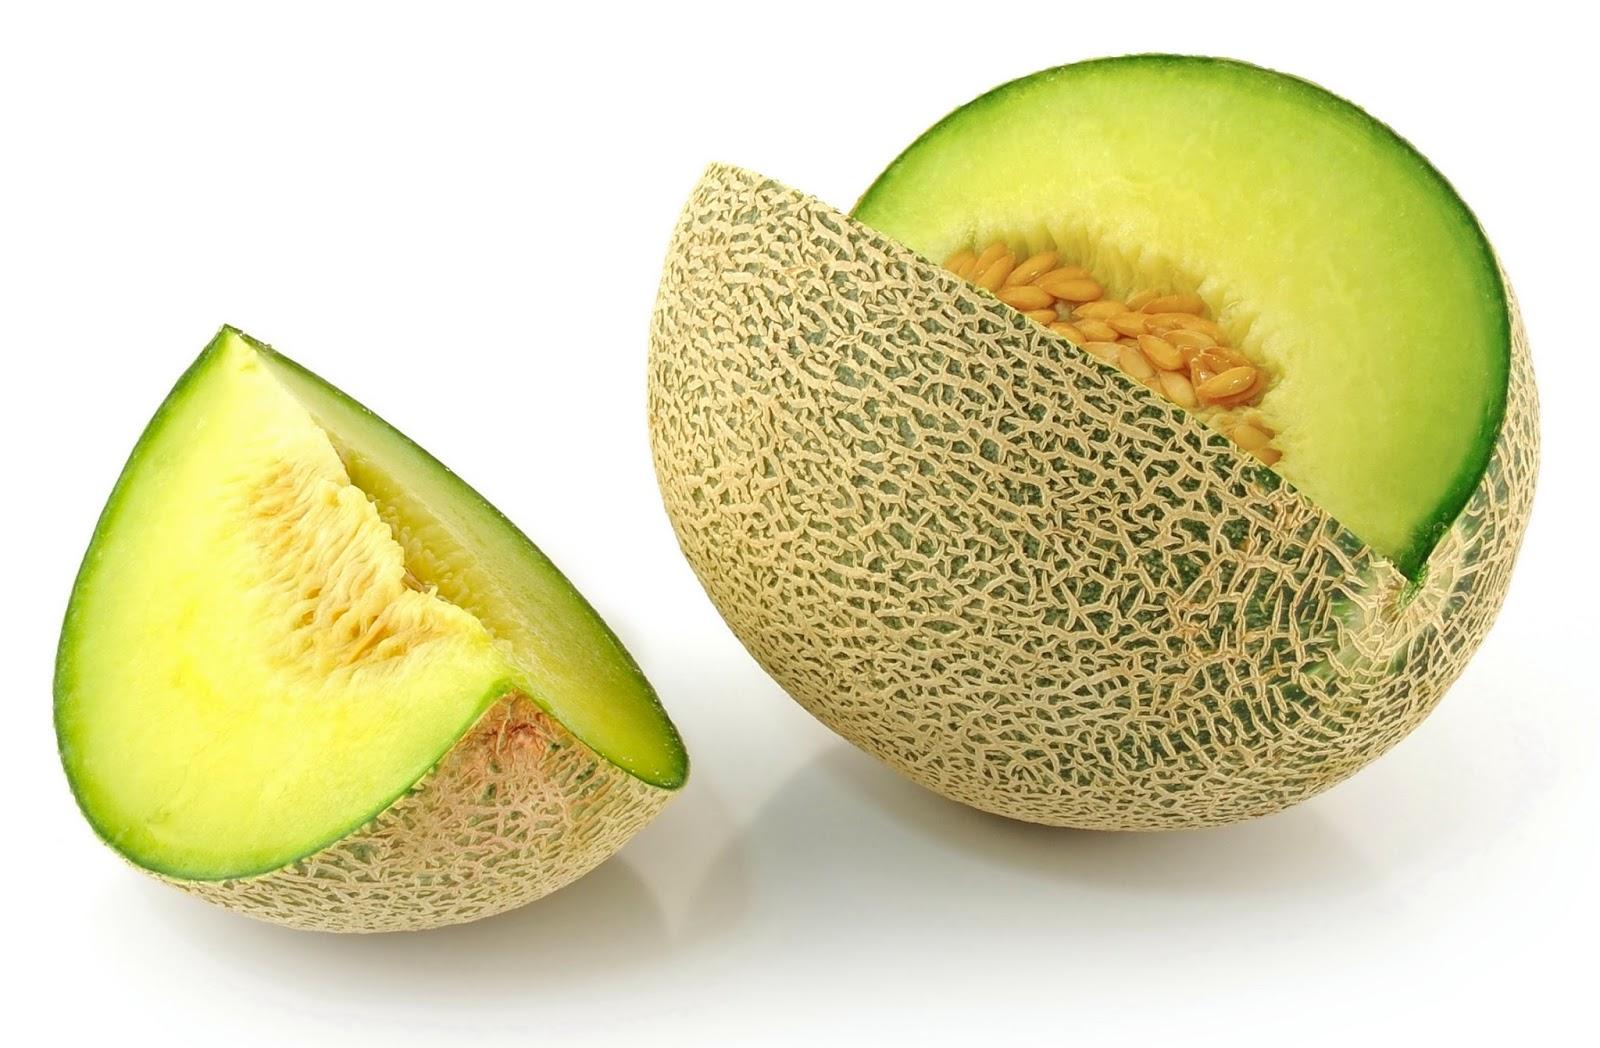 Buah melon atau yang mempunyai nama ilmiah Cucumis Melo L merupakan buah yang termasuk Dall Berbagai Manfaat Buah Melon Untuk Tubuh Kita